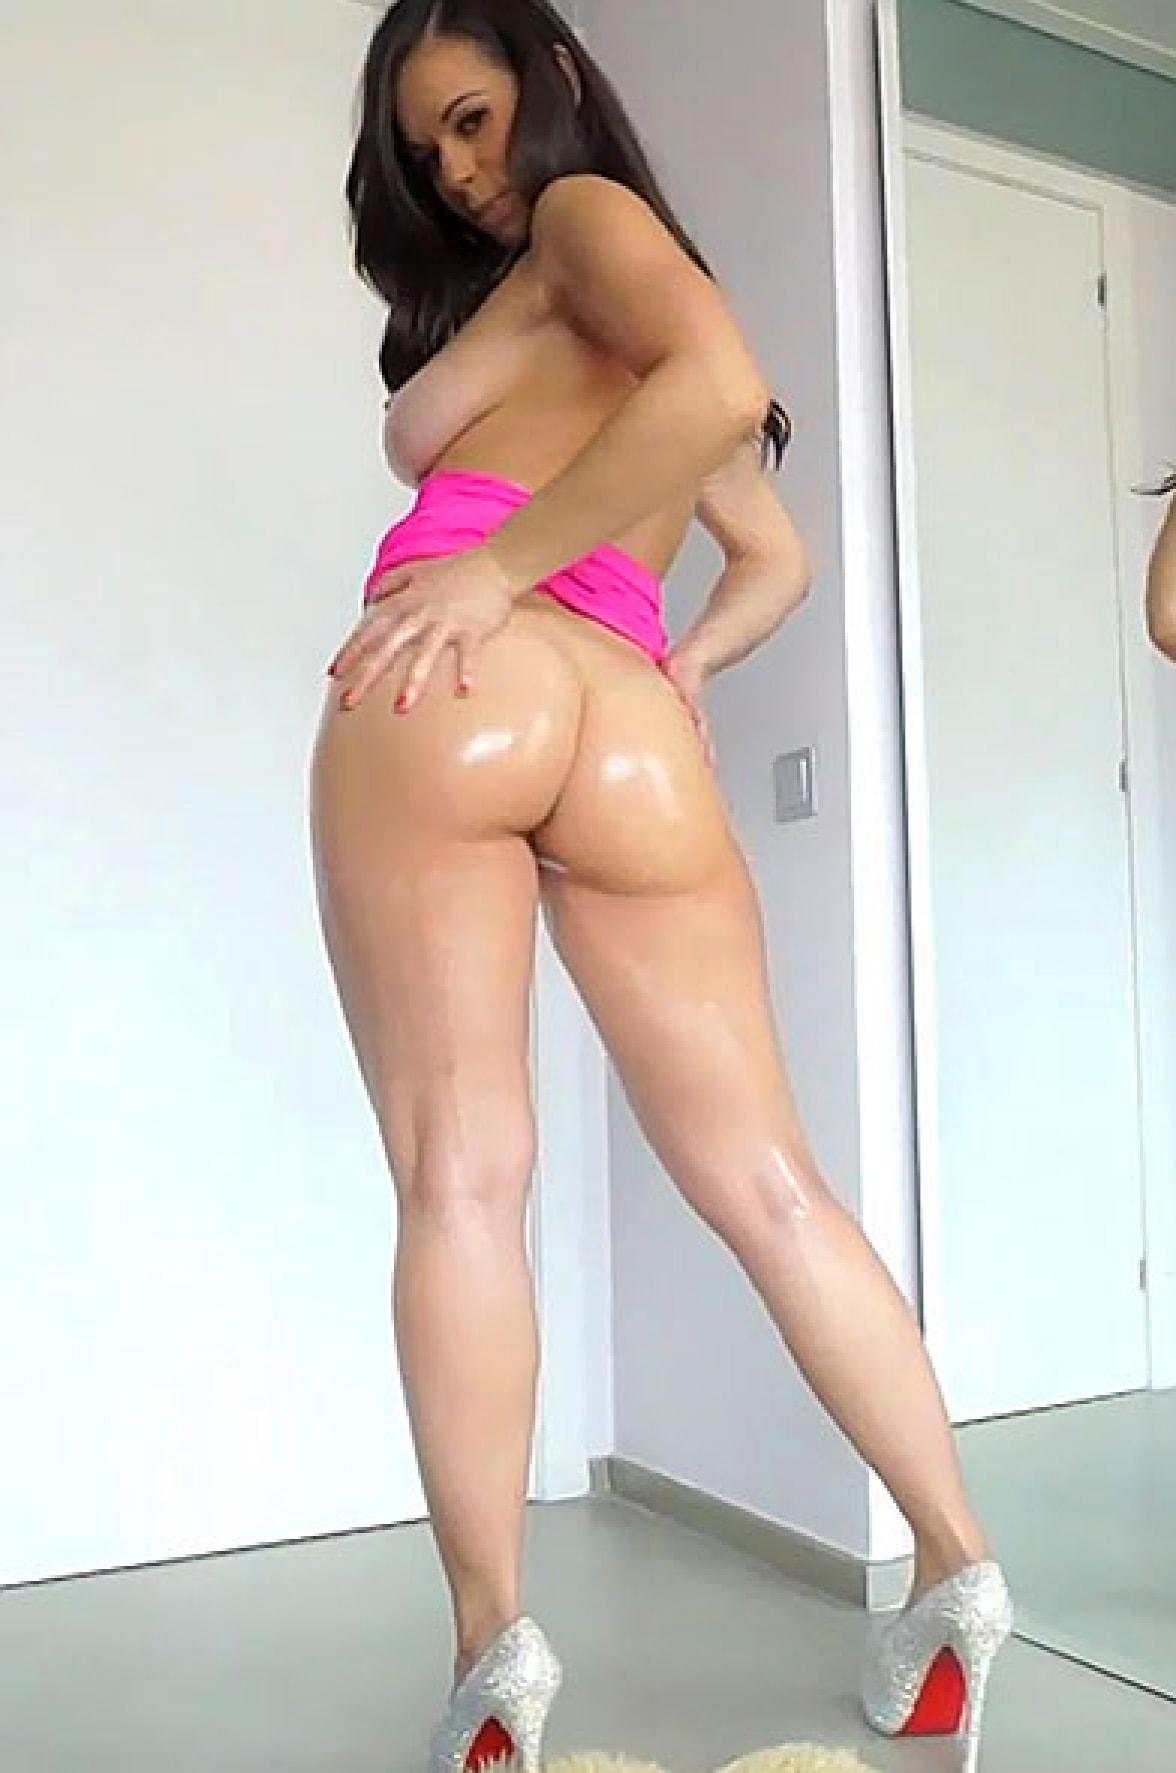 Nrkane Porno nekane porn videos and hq photos | sexmex pornstar